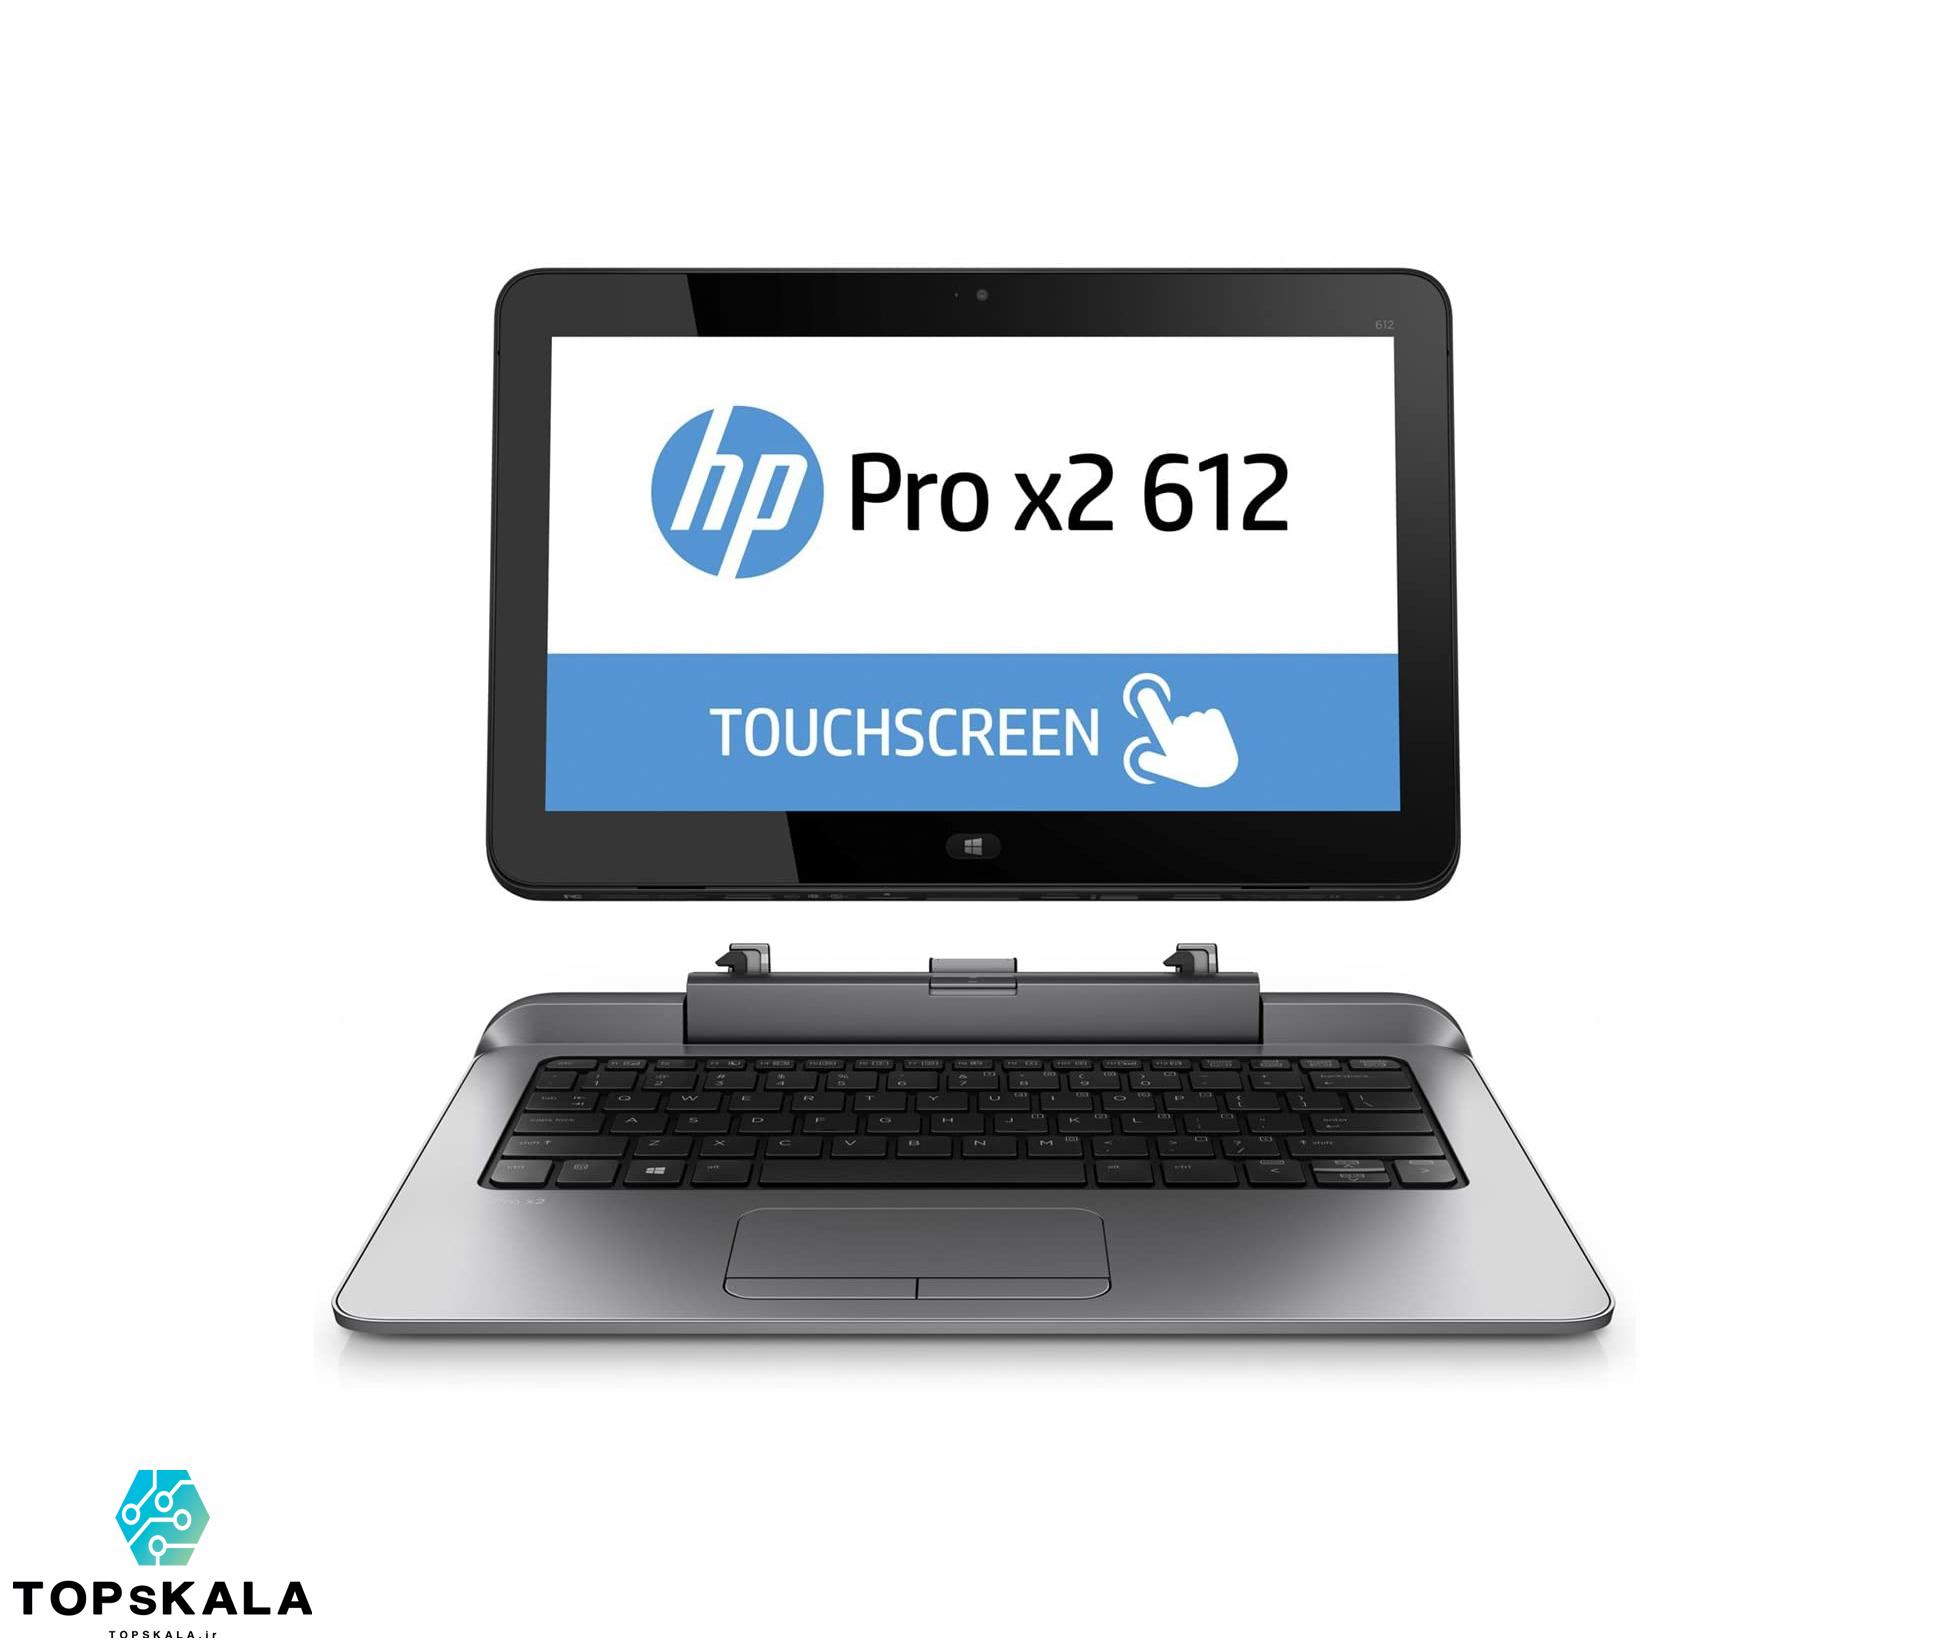 لپ تاپ استوک اچ پی مدل HP Pro X2 612 G1 Tablet - کانفیگ A